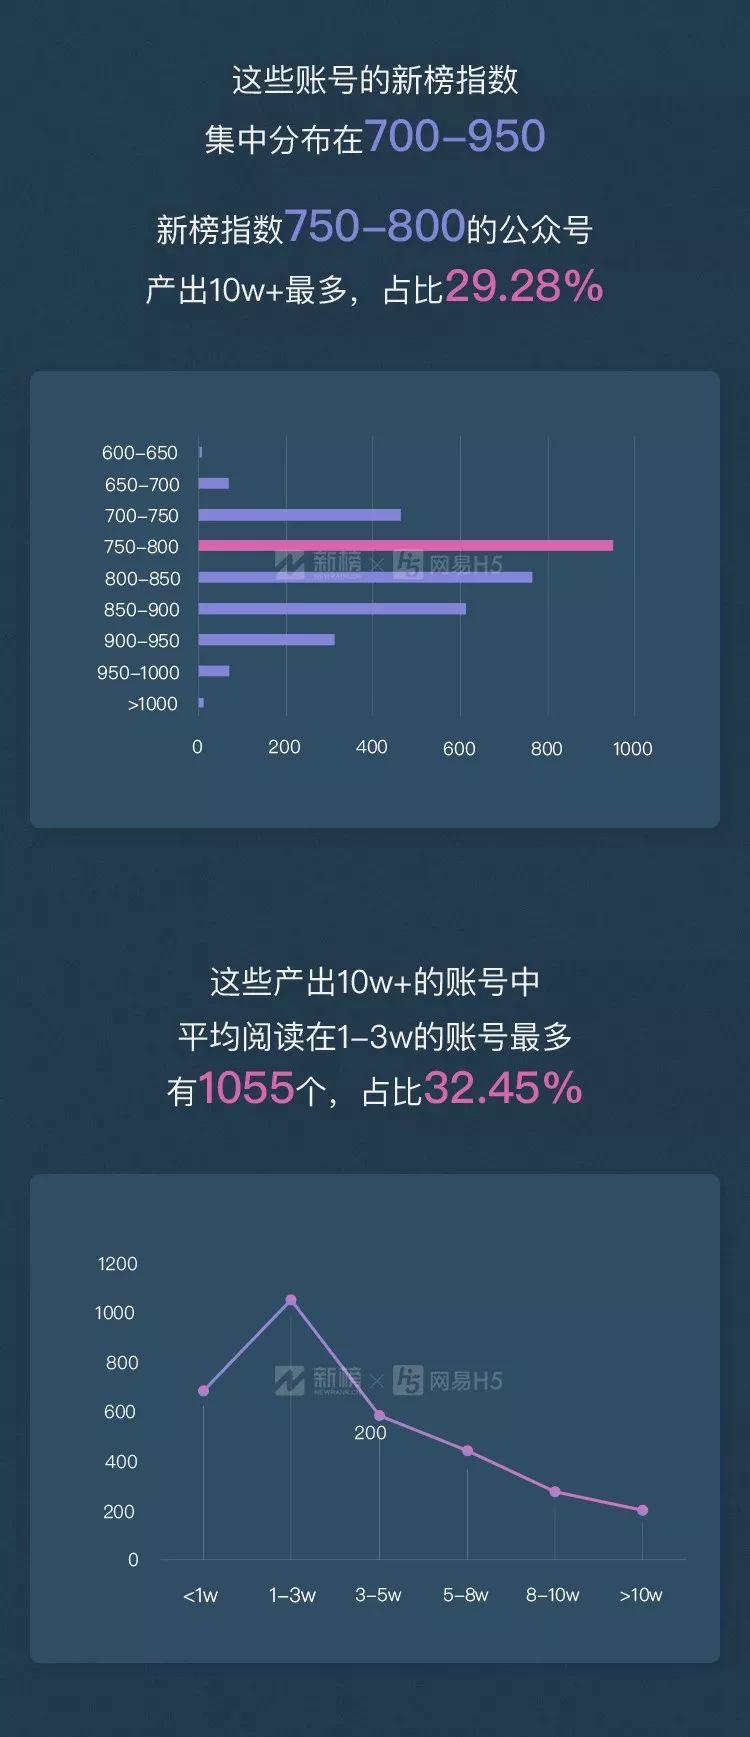 新榜×网易H5推出《微信公众号10w+数据报告》